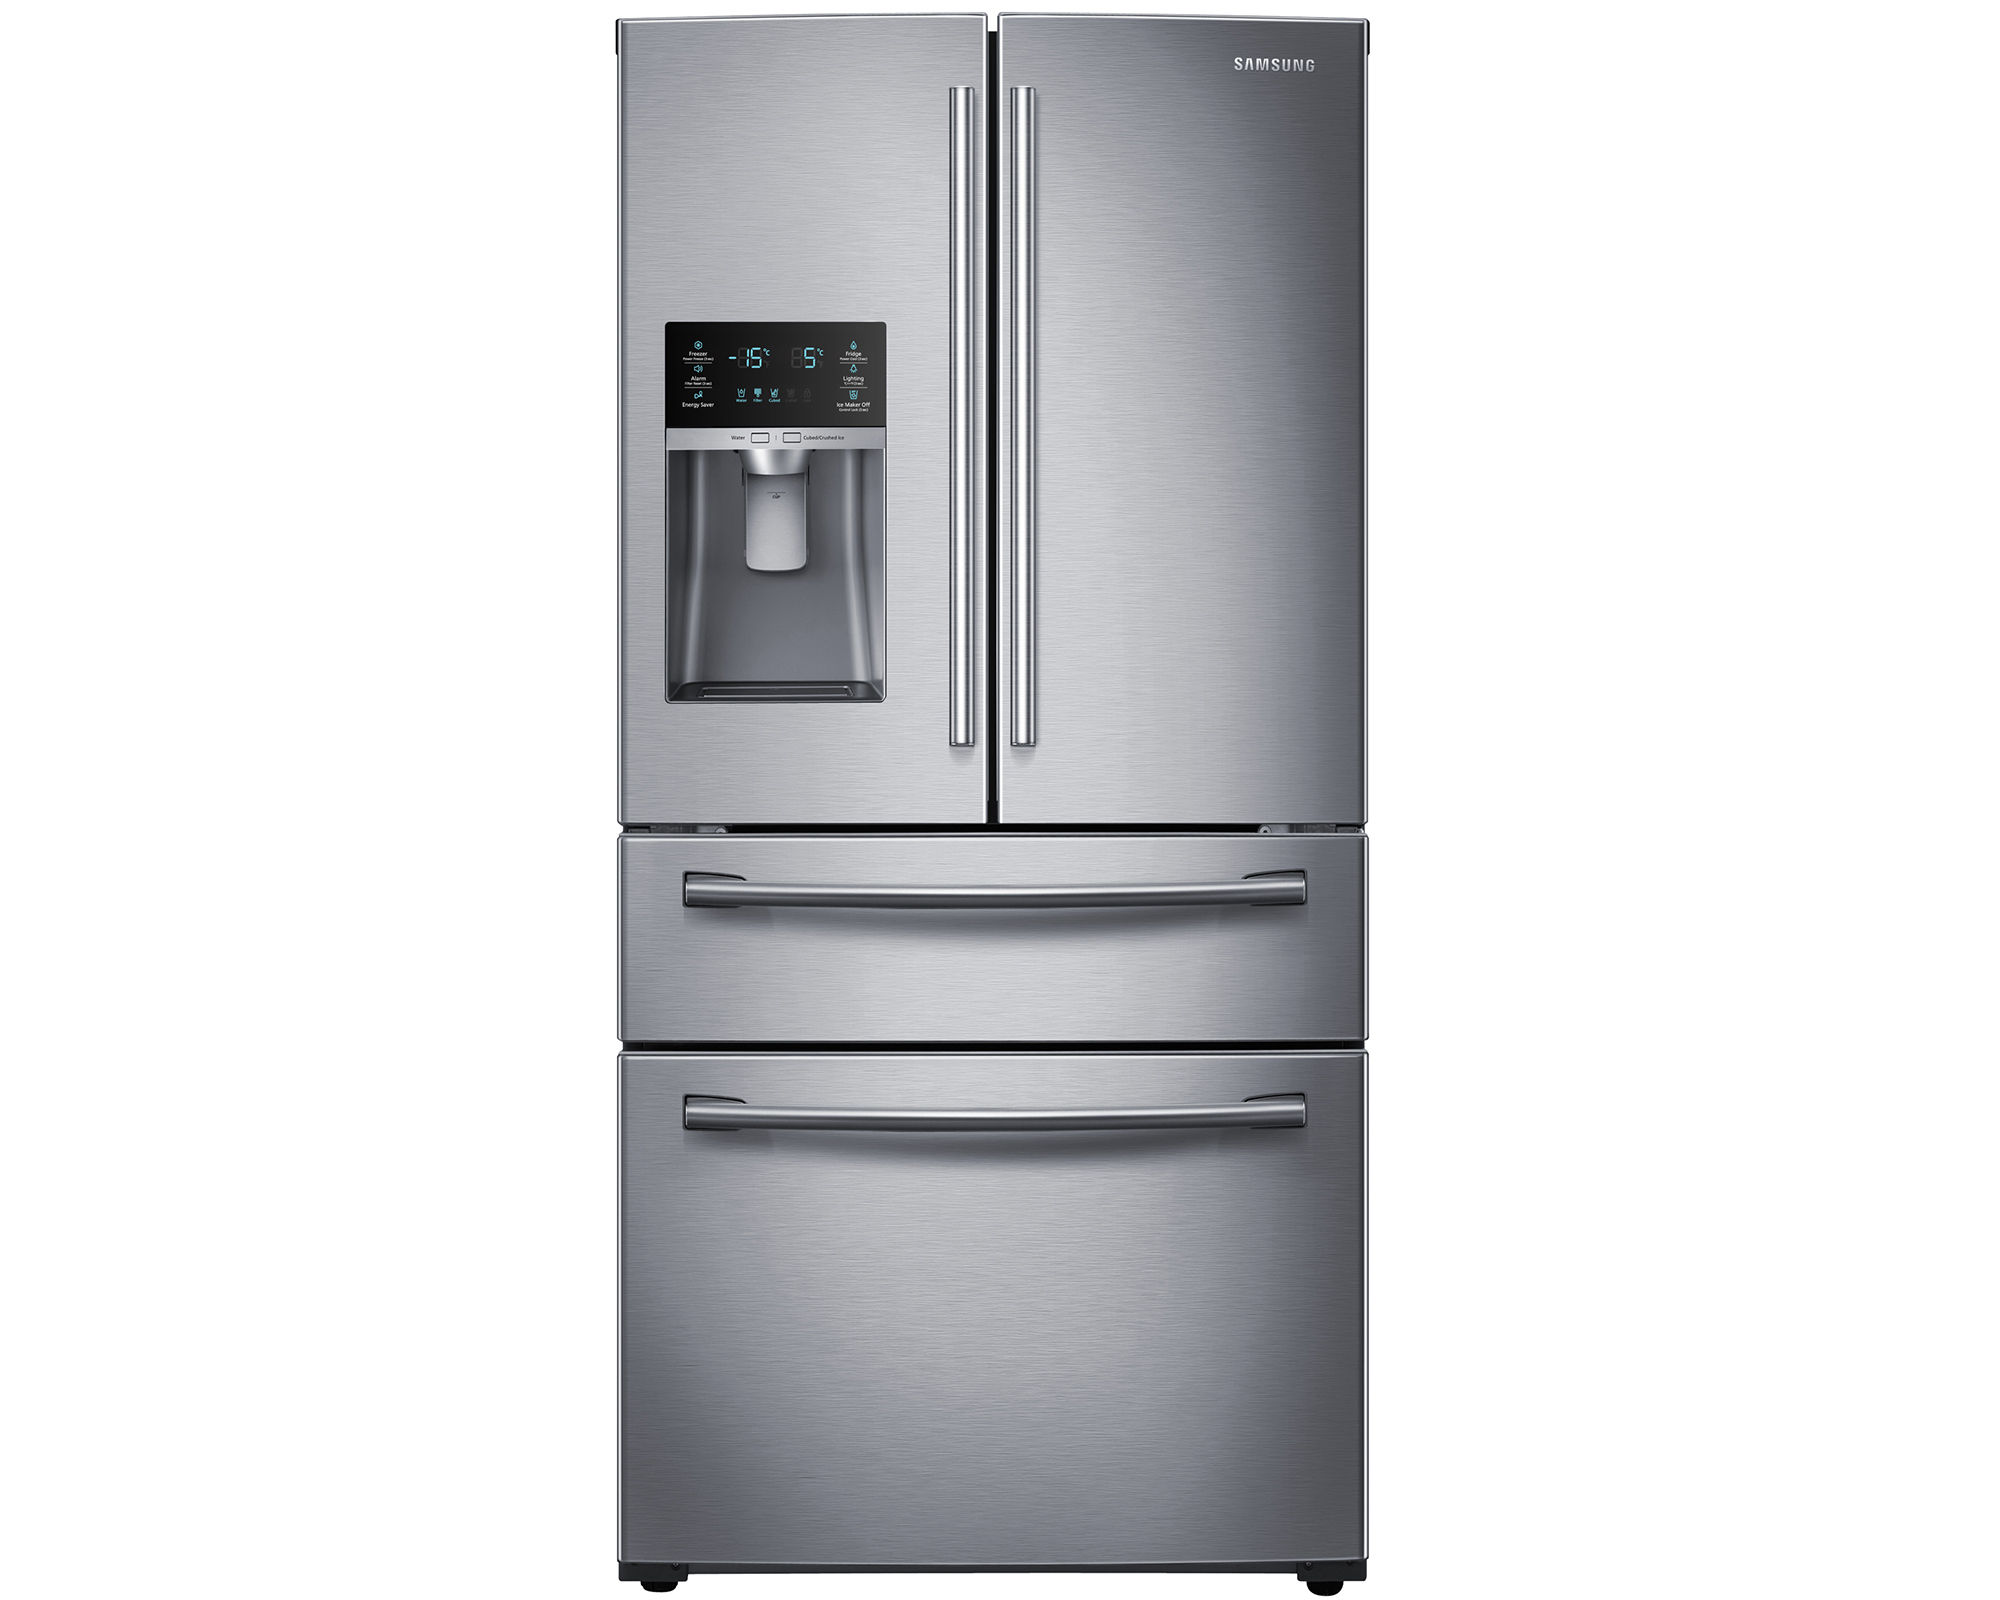 Samsung French Door Refrigerator Temperature Settings: Samsung ENERGY STAR 28.1 Cu. Ft. 4-Door French-Door